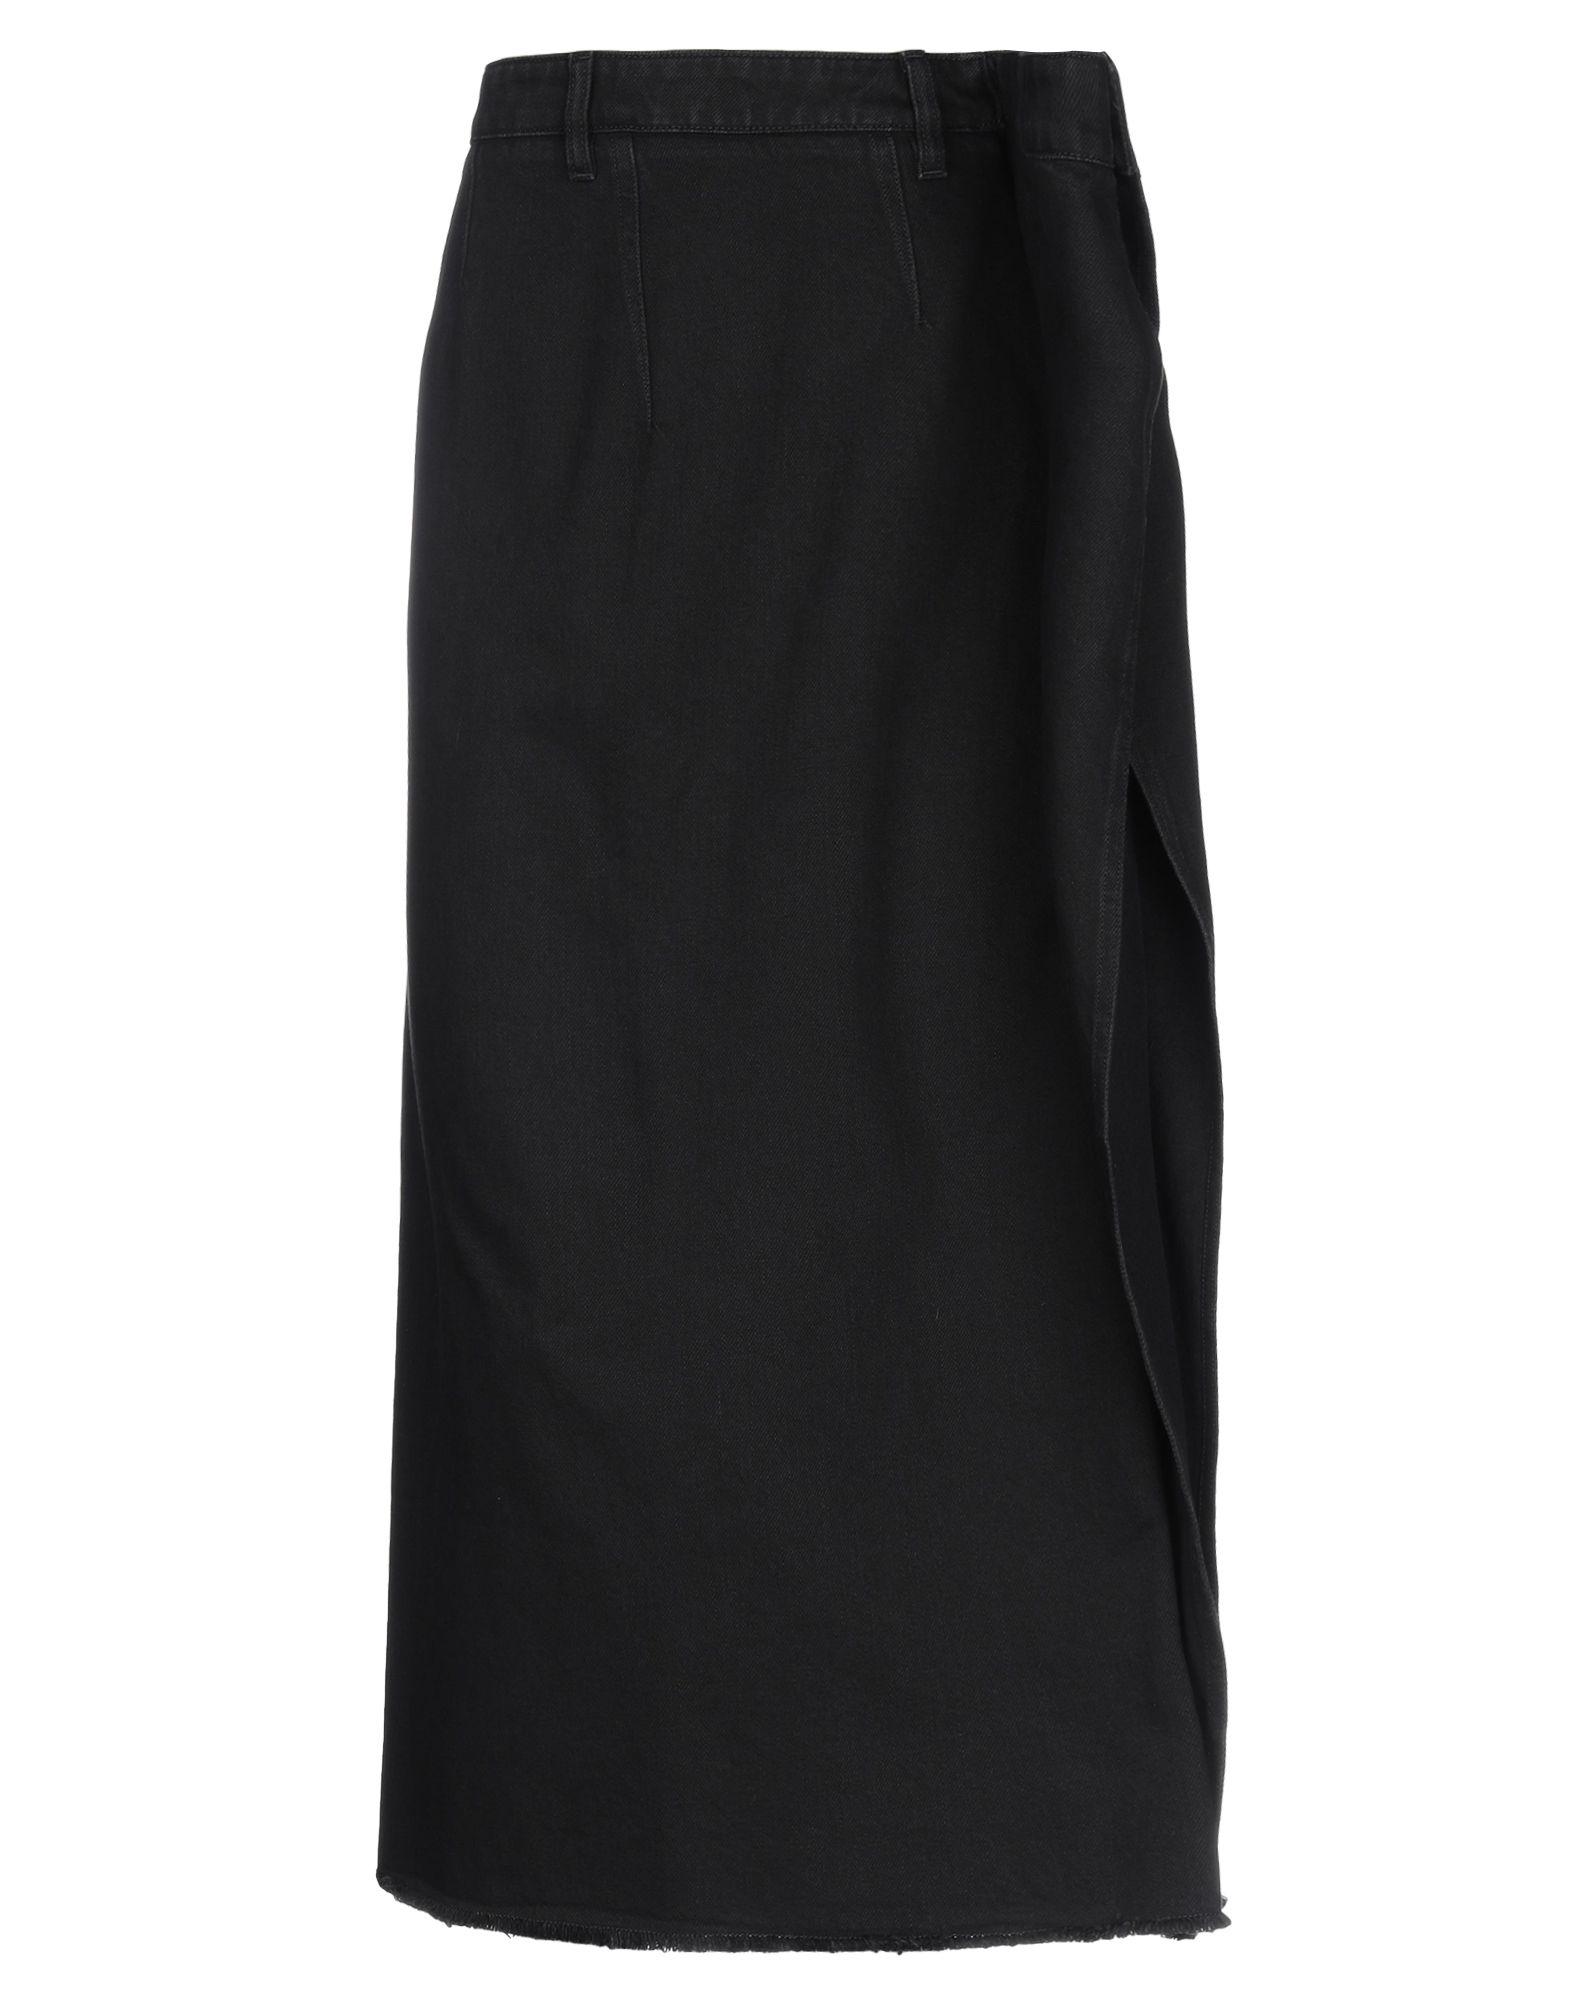 MM6 MAISON MARGIELA Джинсовая юбка юбка джинсовая с нагрудником и лямками barkito деним голубой